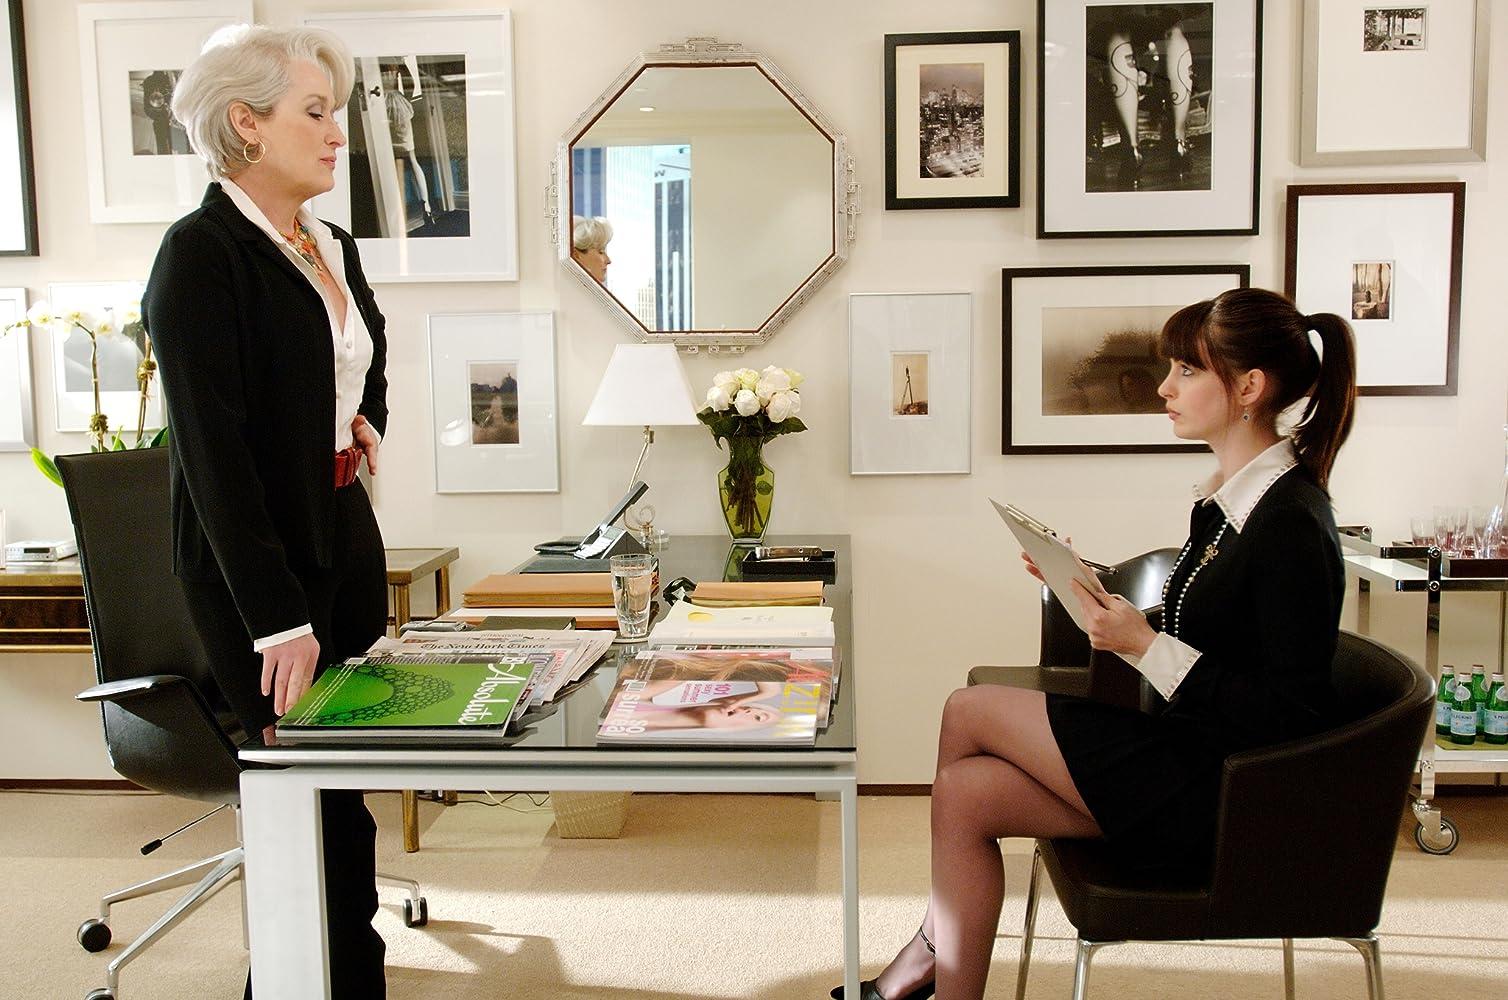 Meryl Streep and Anne Hathaway in Devil Wears Prada